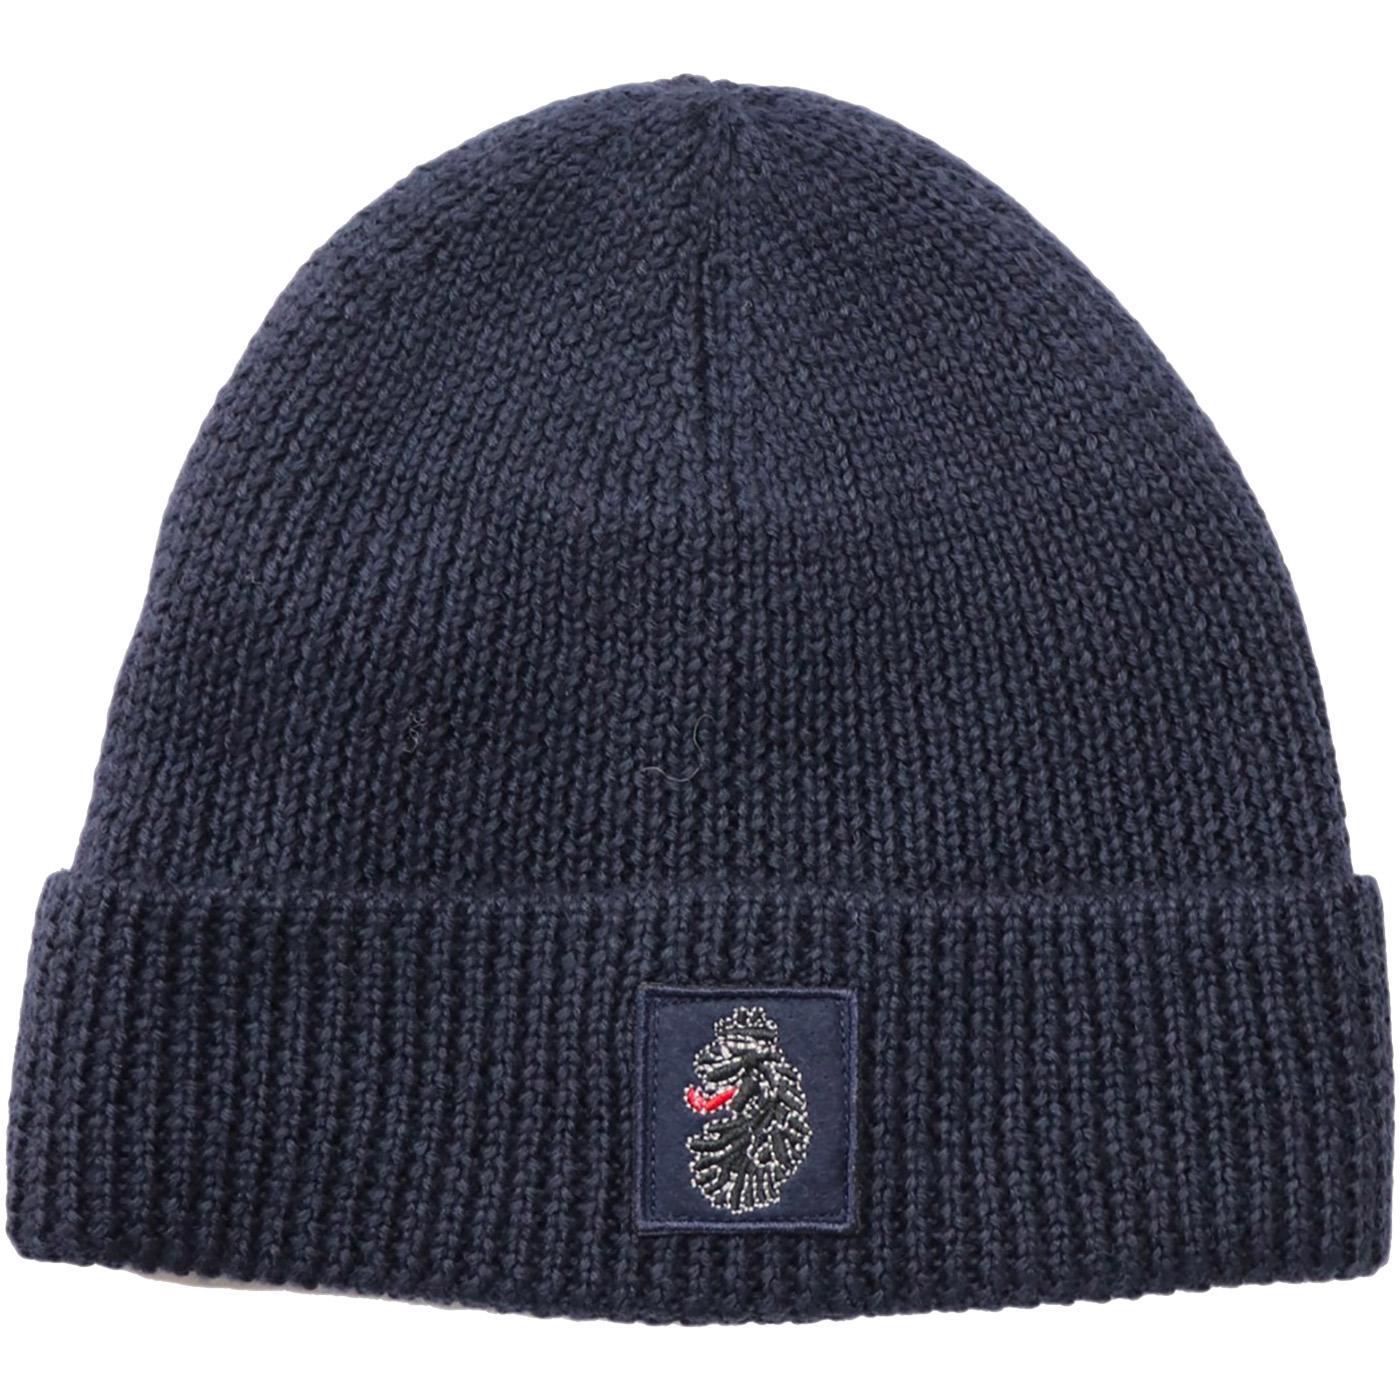 Nash LUKE Retro Knitted Cuffed Beanie Hat (Navy)